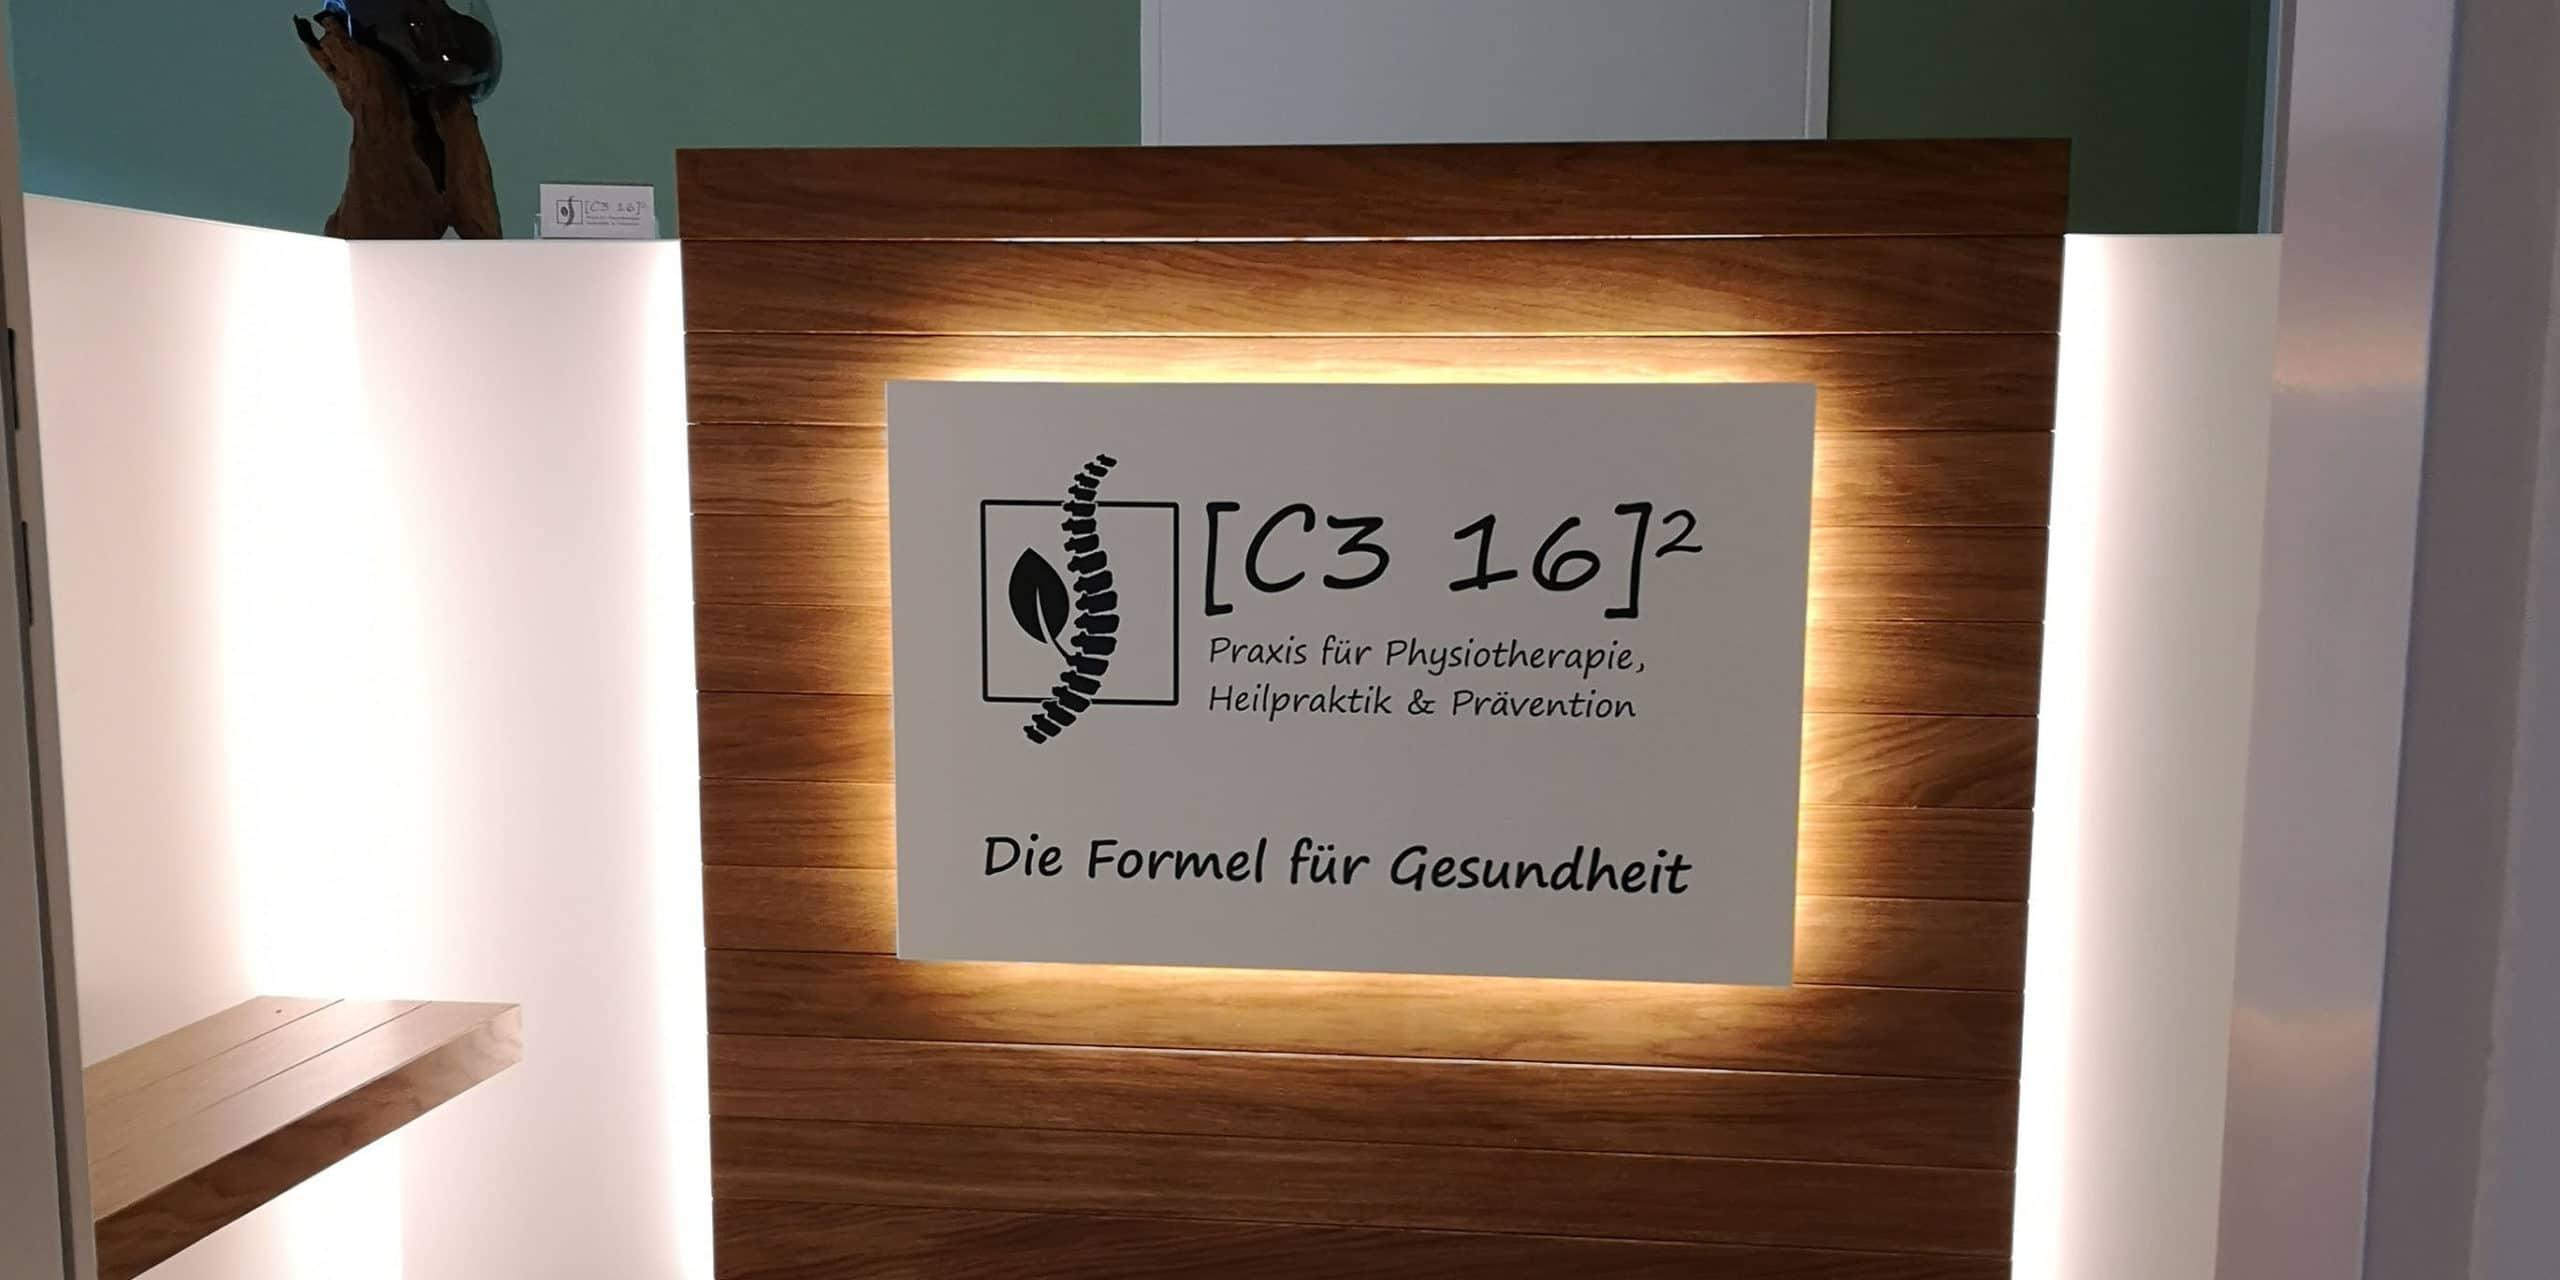 Empfang C316 Praxis für Physiotherapie in Mannheim